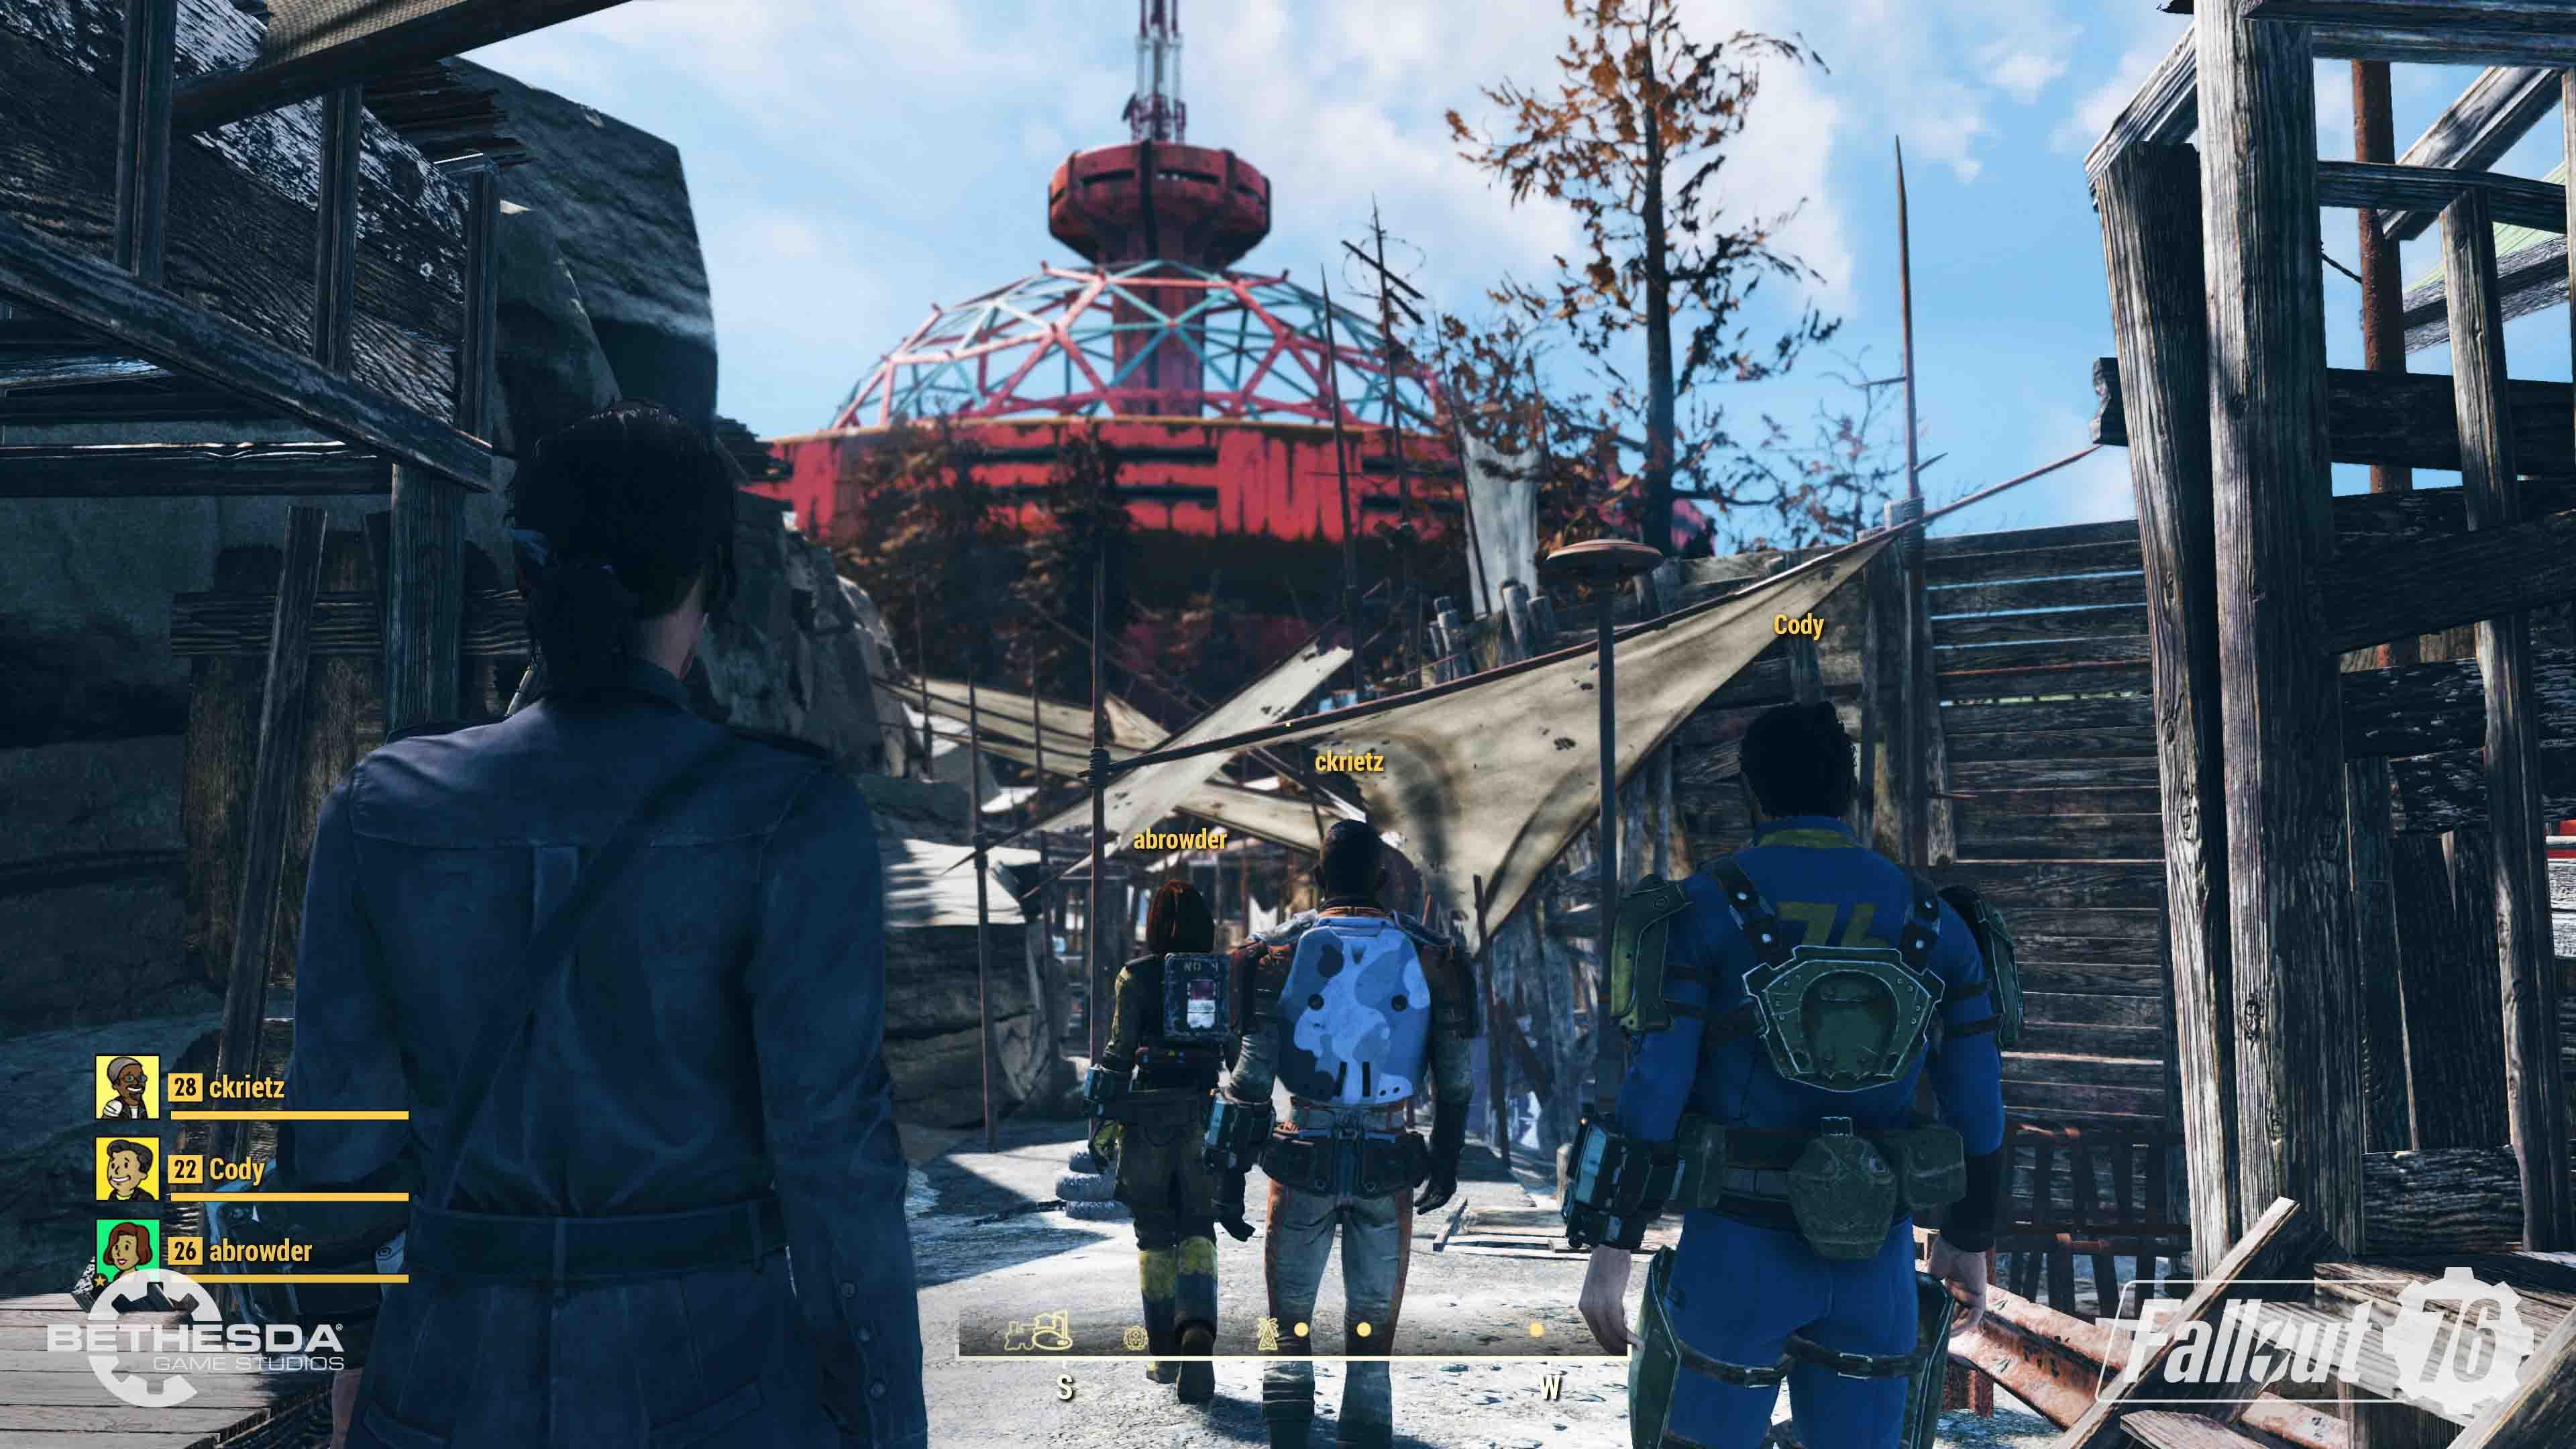 Fallout 76 - Fallout als Online-Spiel